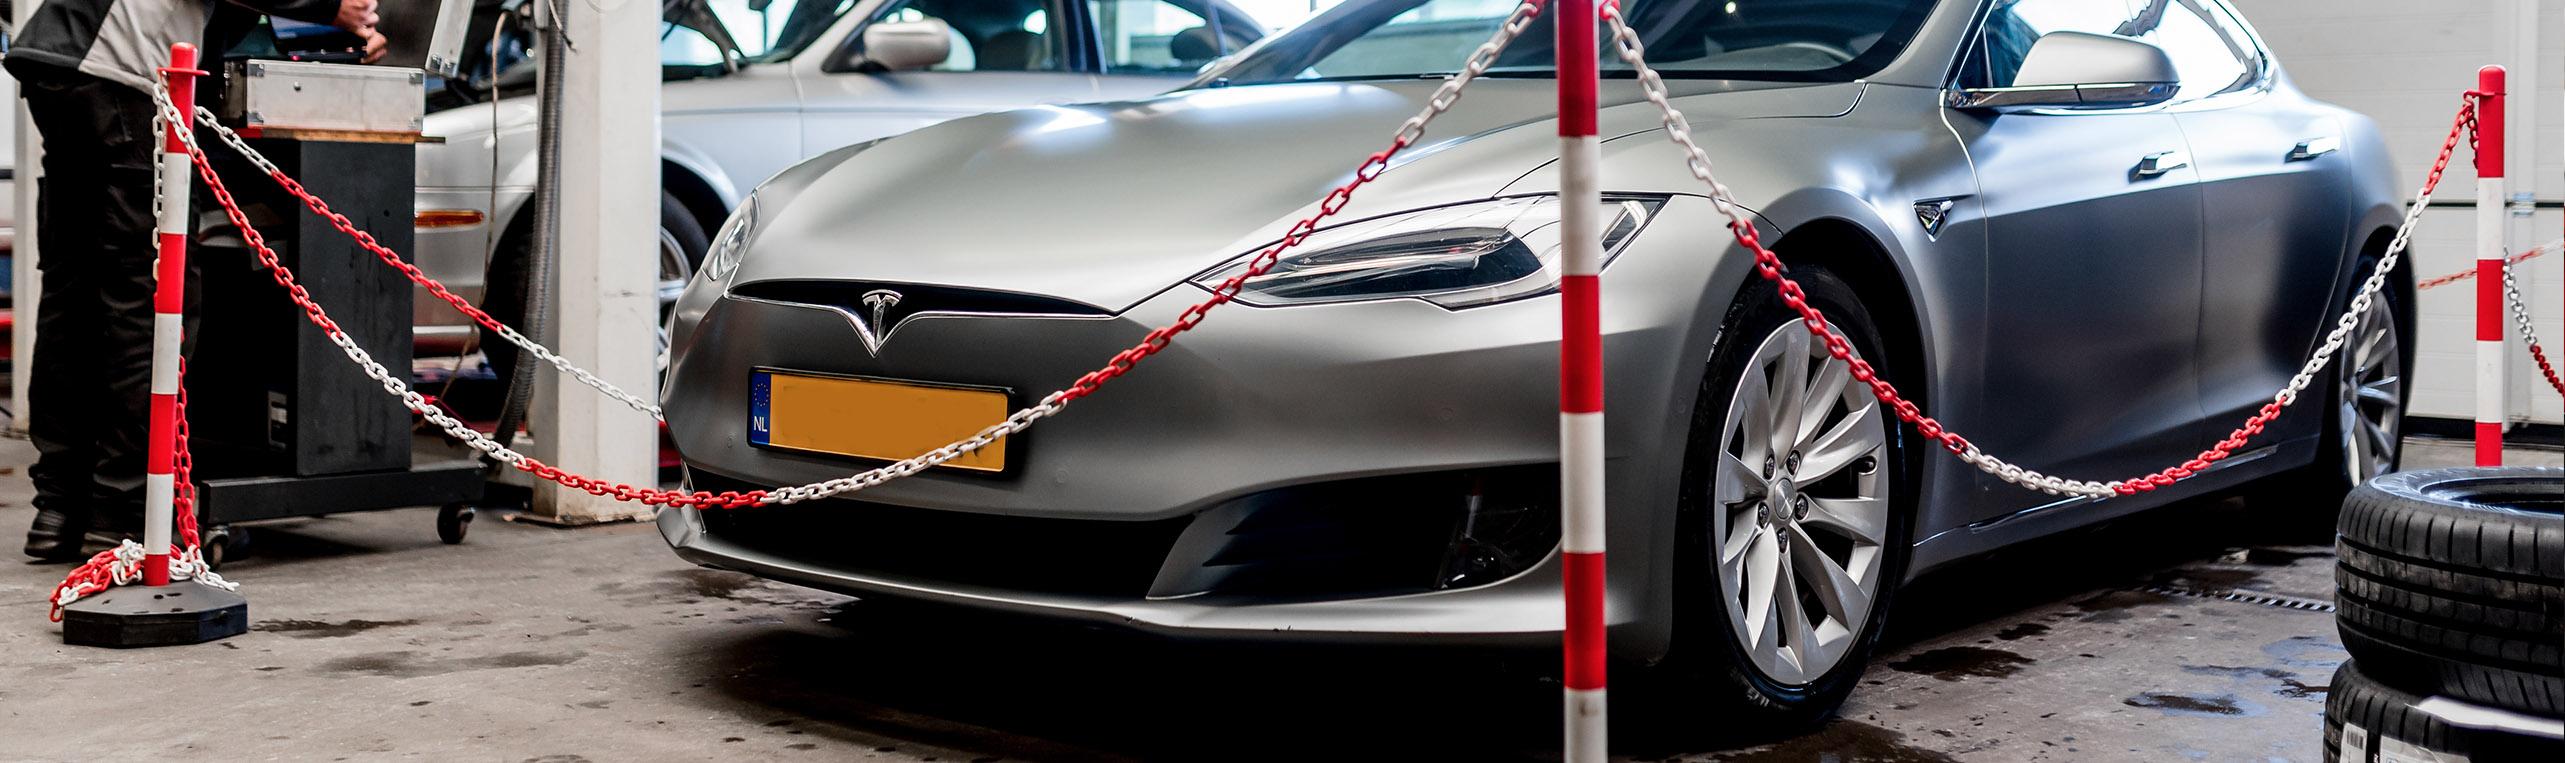 Onderhoud aan elektrische auto's bij autobedrijf Jan Dodemont